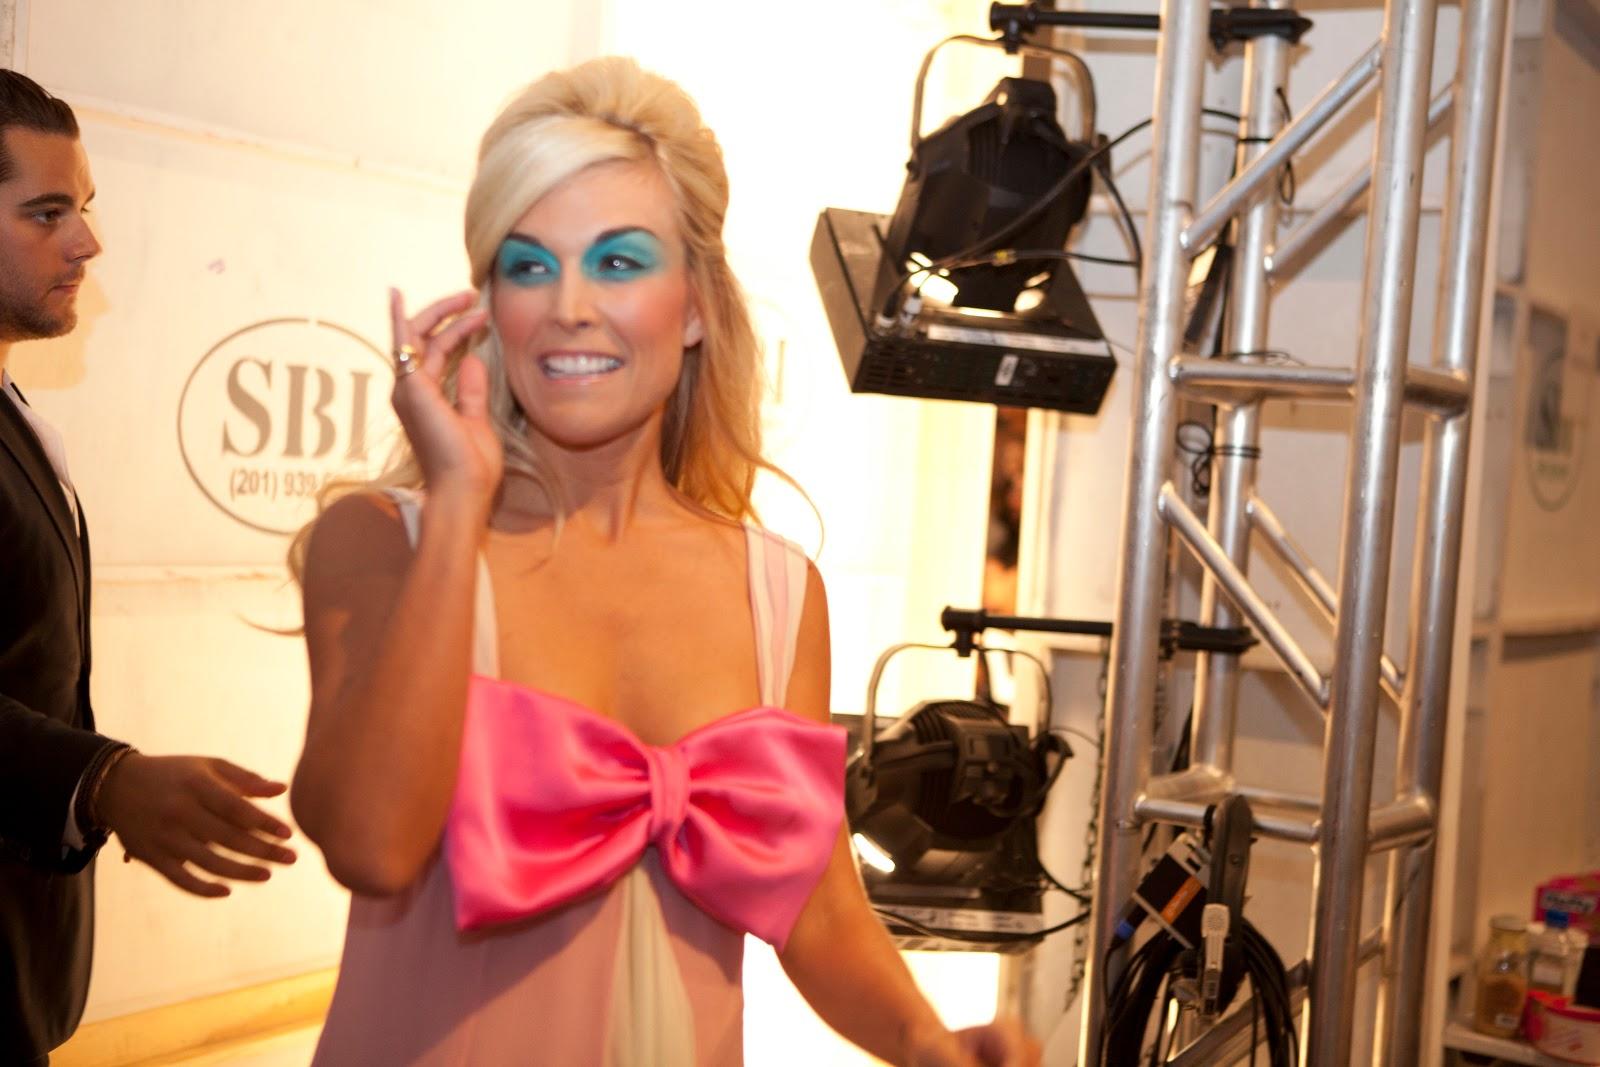 http://2.bp.blogspot.com/_D_lIebfanEw/TKtmCzZzBCI/AAAAAAAABHs/3eeyp1sSgss/s1600/Richie_backstage_2010++%28191+of+205%29.jpg